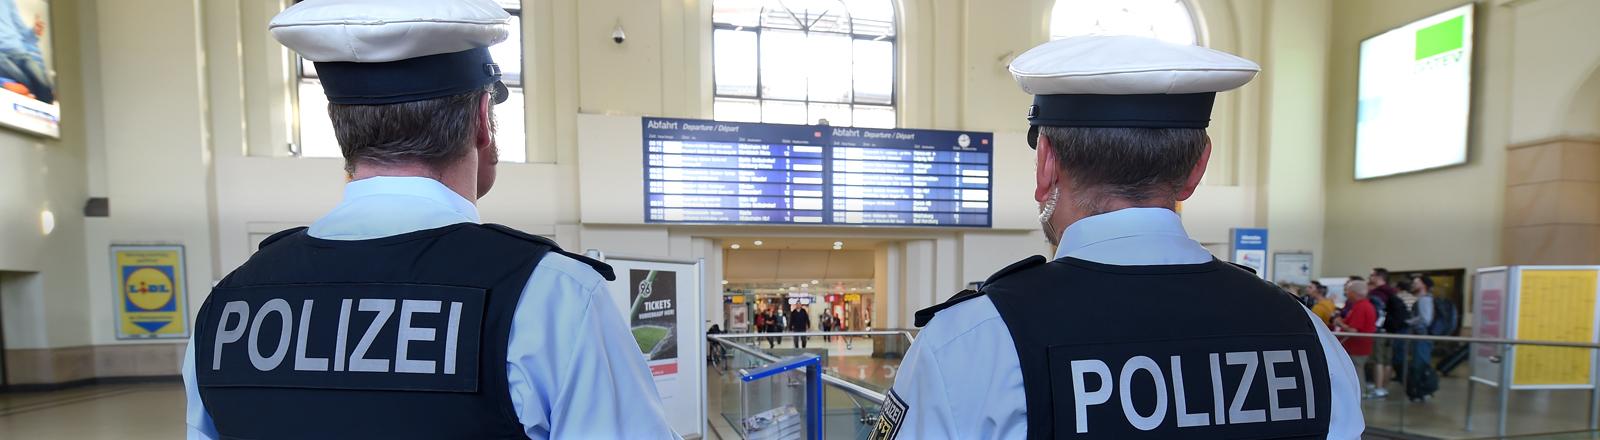 Zwei Beamte der Bundespolizei überwachen am 05.09.2014 die Bahnhofshalle des Hauptbahnhofs in Hannover.